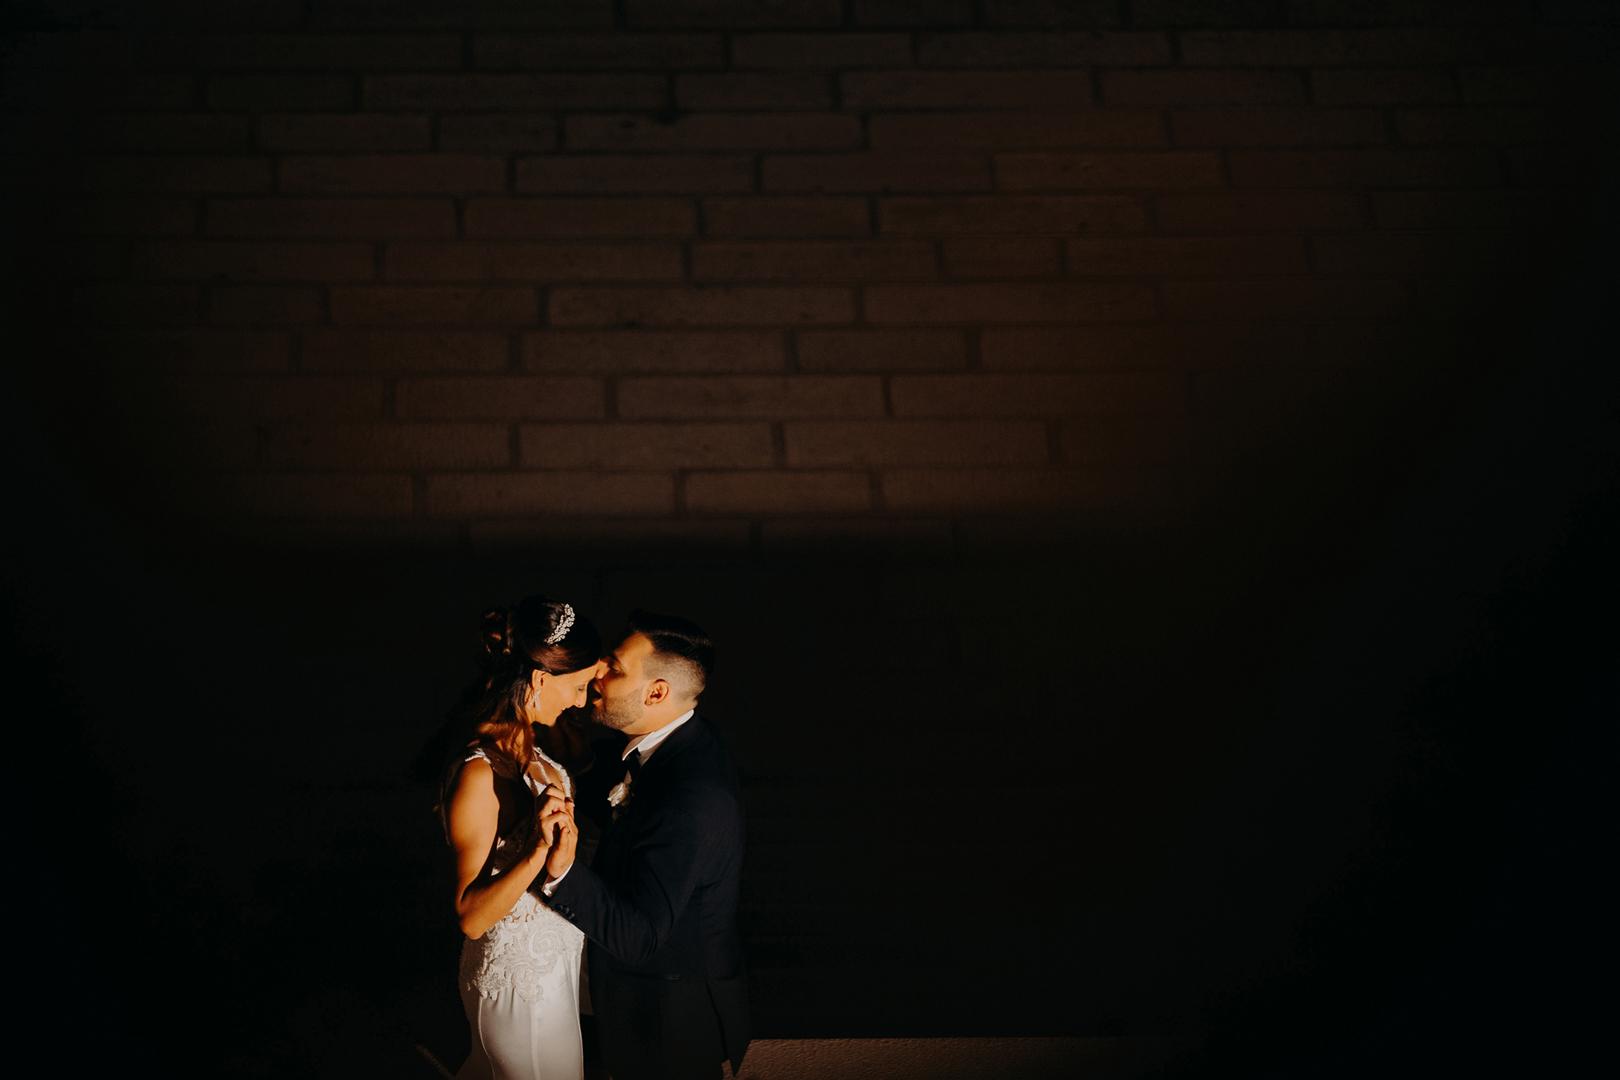 40 gianni-lepore-fotografo-sposi-matrimonio-ballo